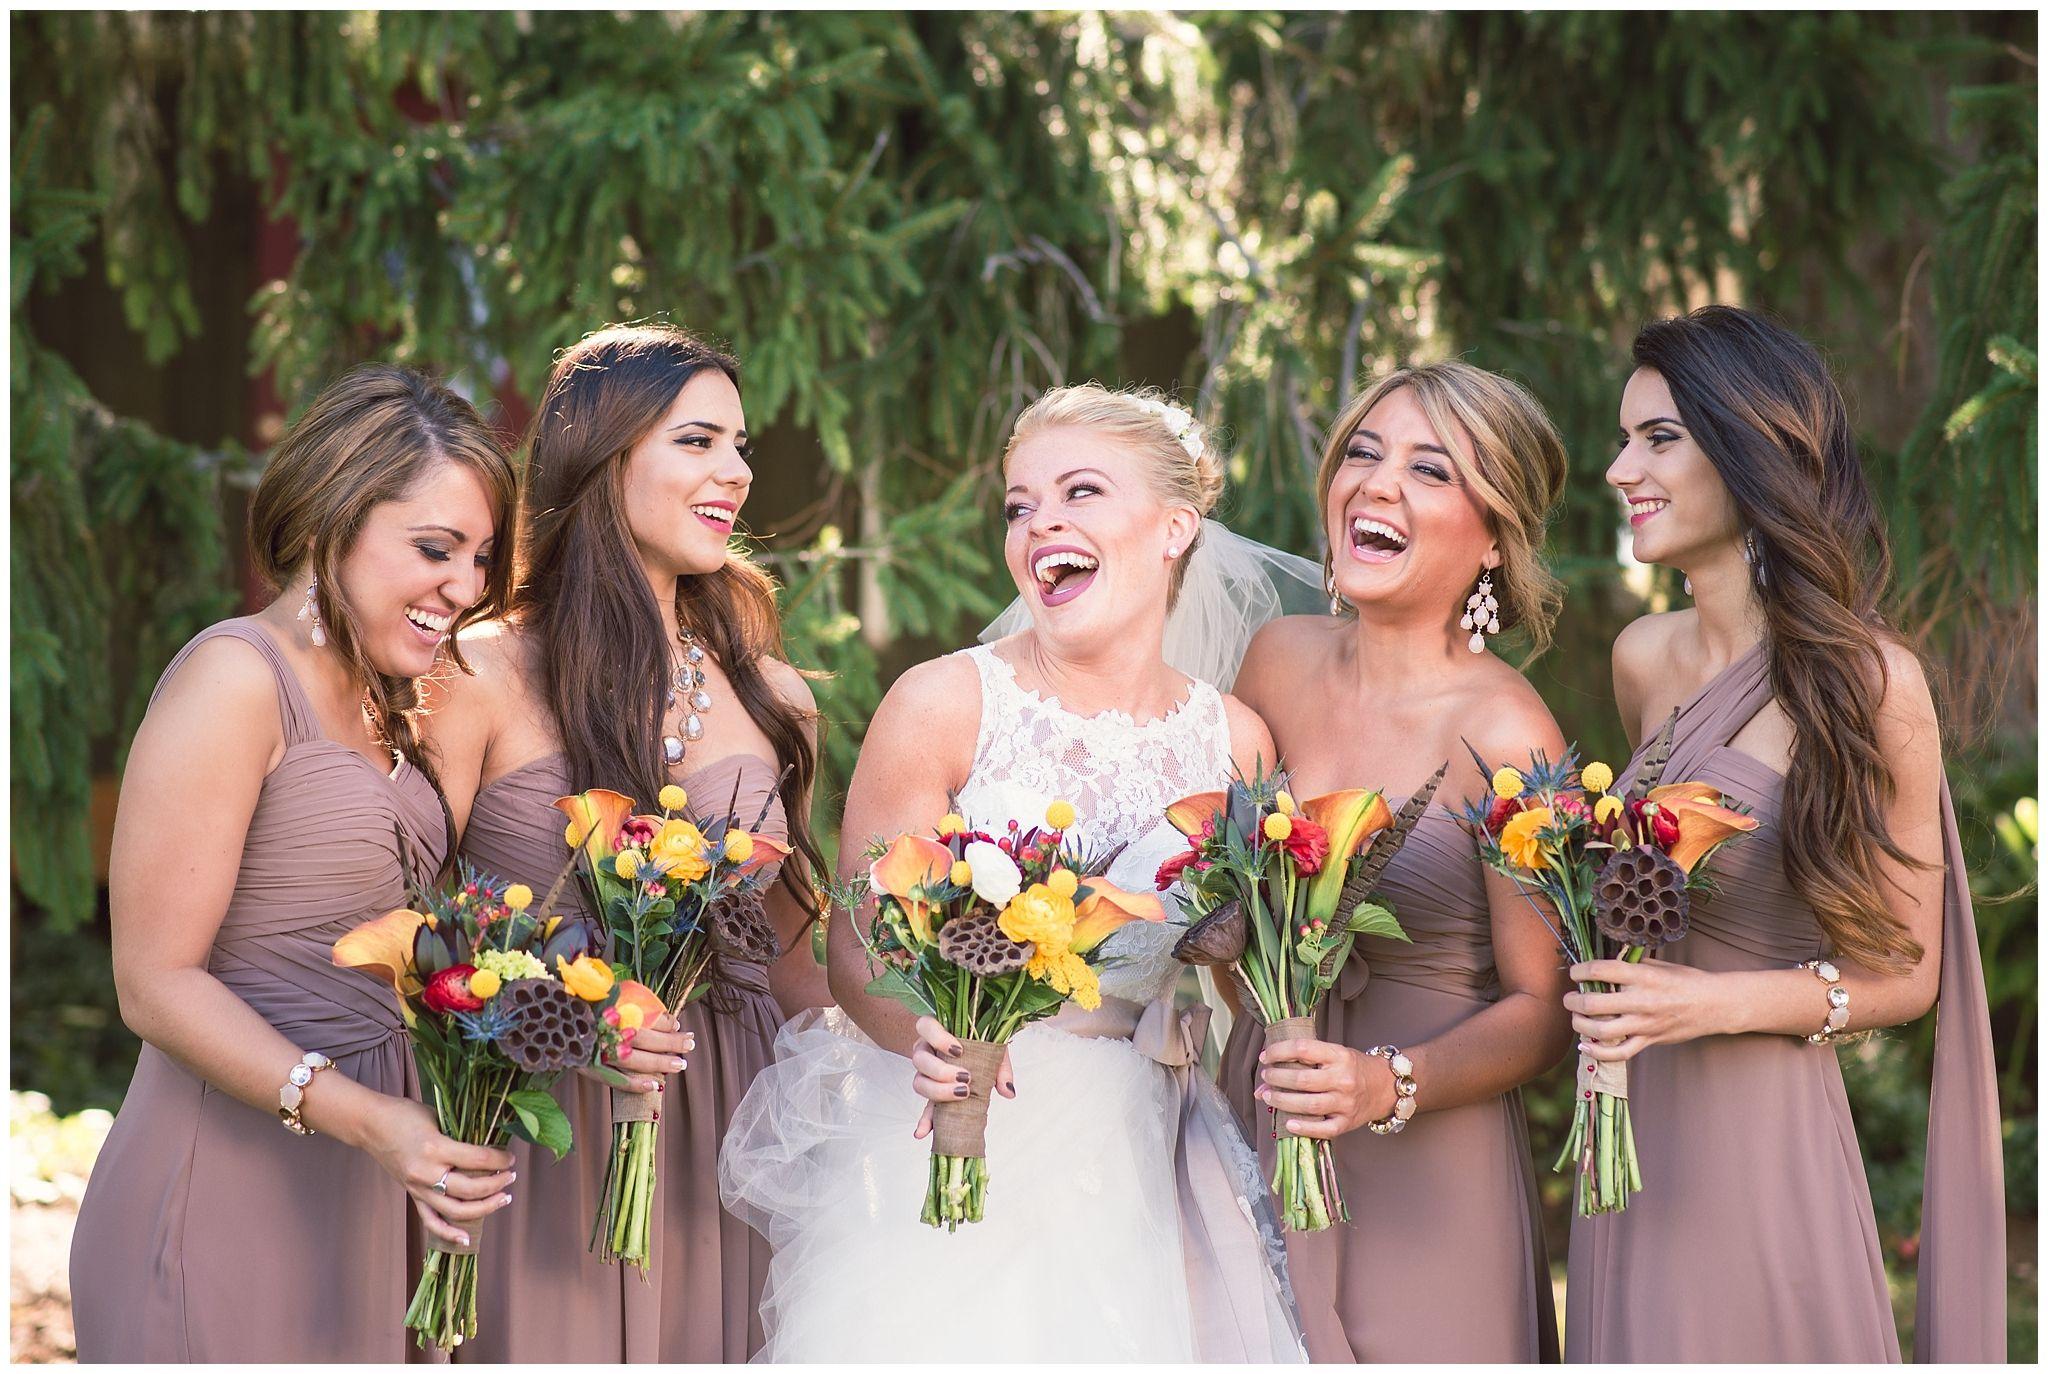 Wedding dresses for bridesmaids  Lingrow Farms Wedding  Mocha bridesmaid dresses August wedding and